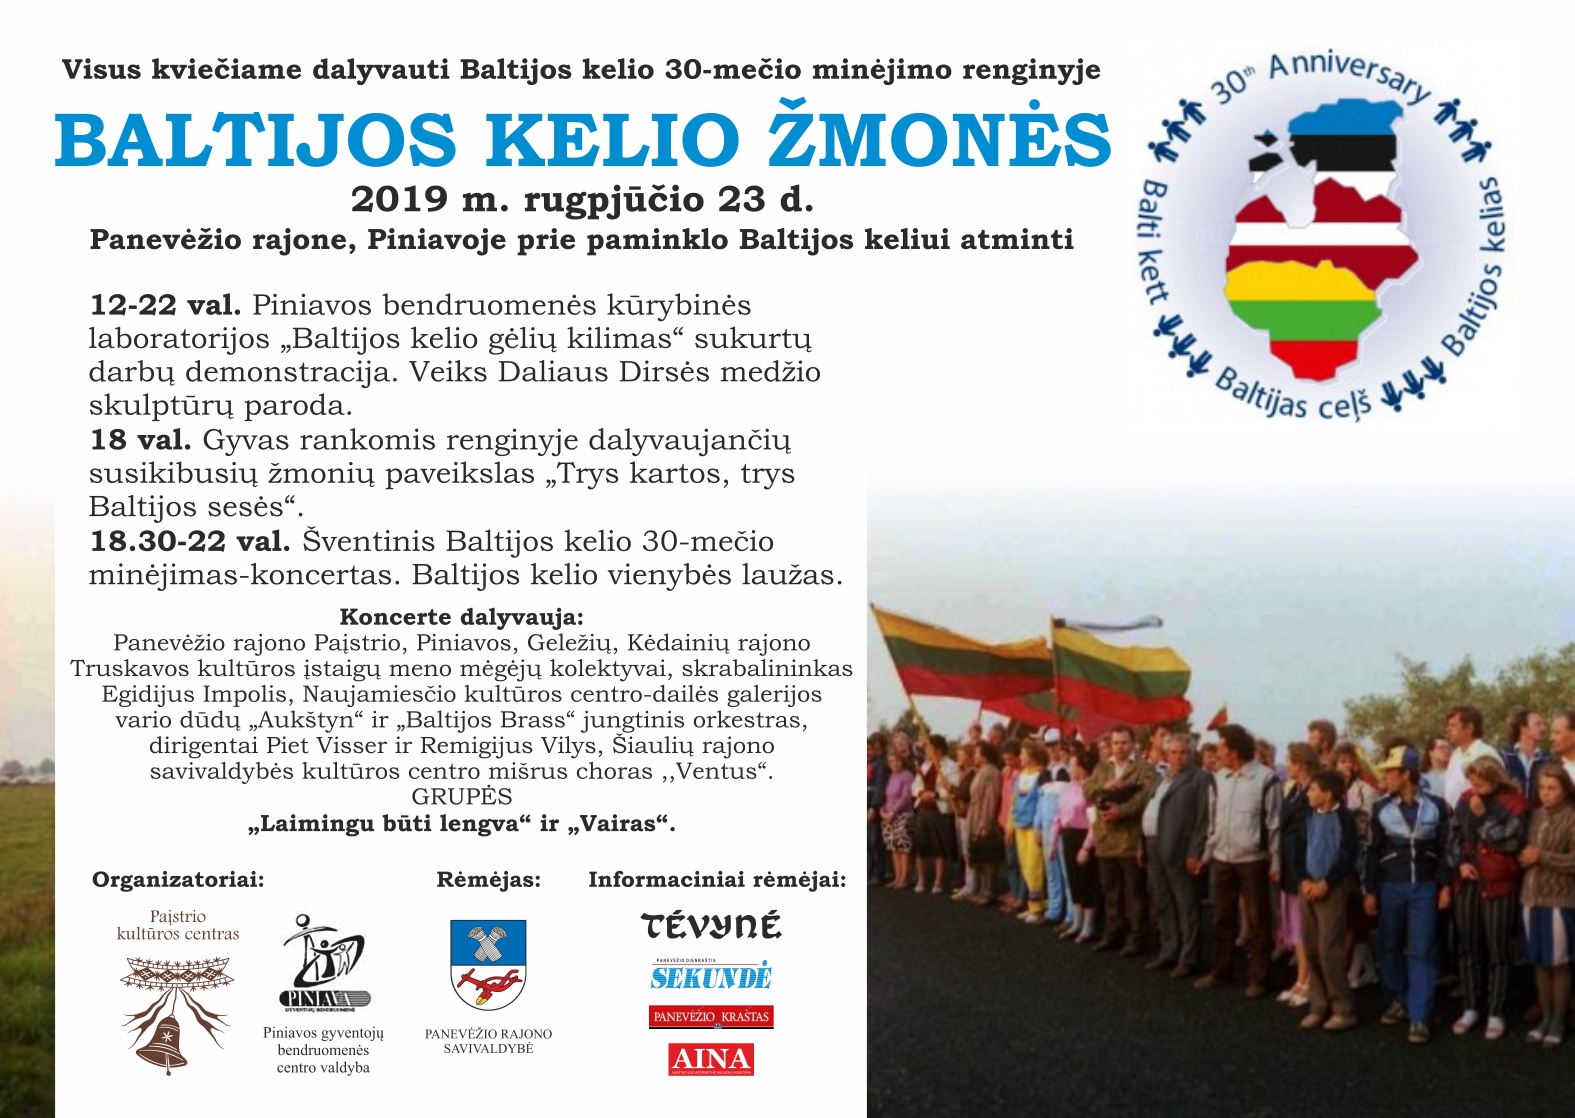 Kviečiame dalyvauti Baltijos kelio 30-mečio minėjimo renginyje BALTIJOS KELIO ŽMONĖS